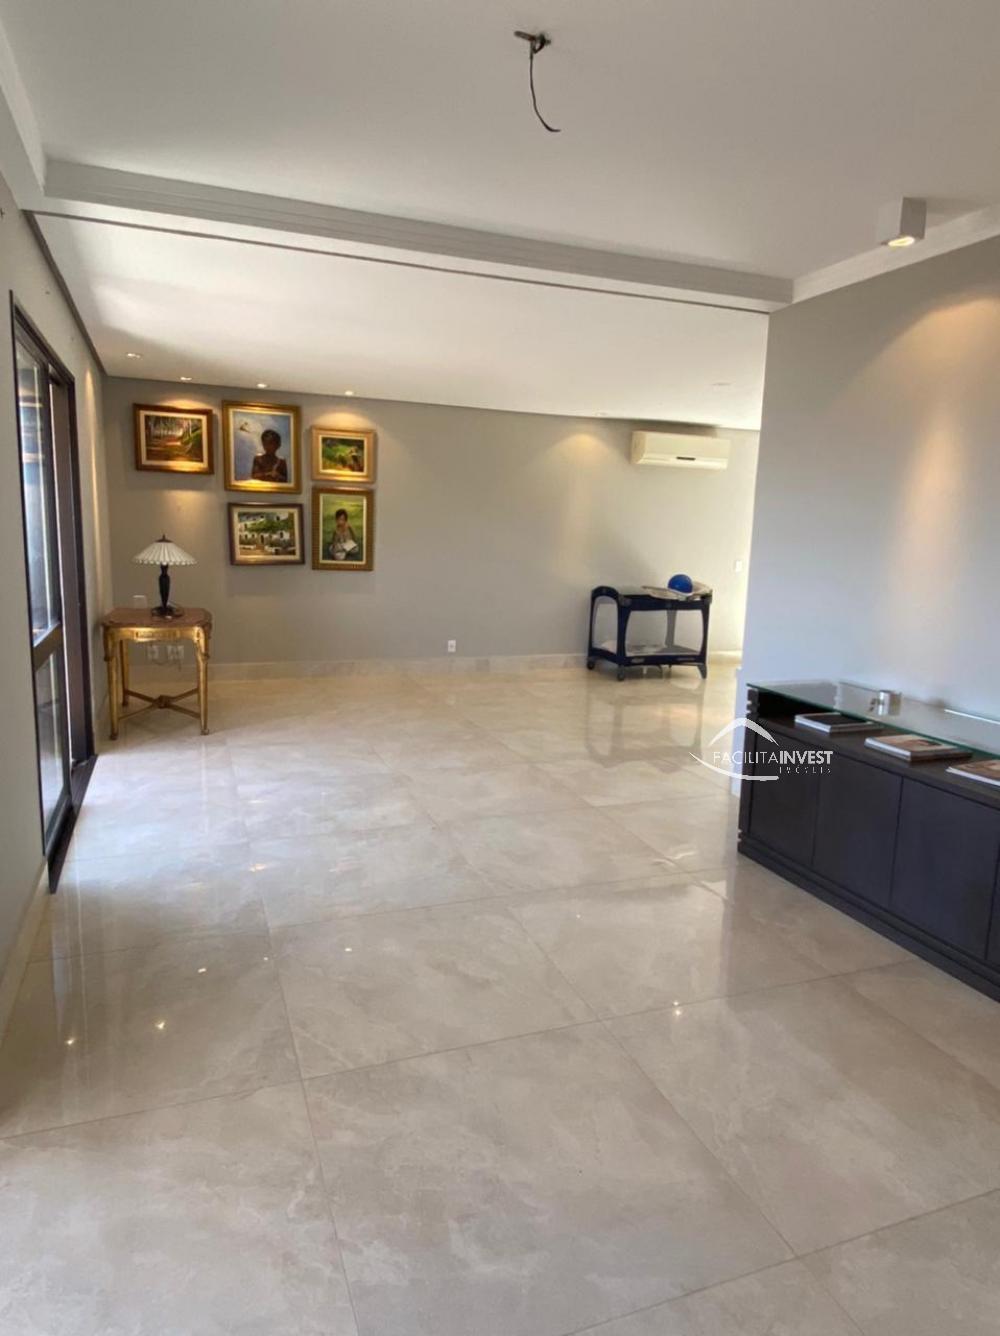 Comprar Apartamentos / Apart. Padrão em Ribeirão Preto R$ 1.400.000,00 - Foto 4